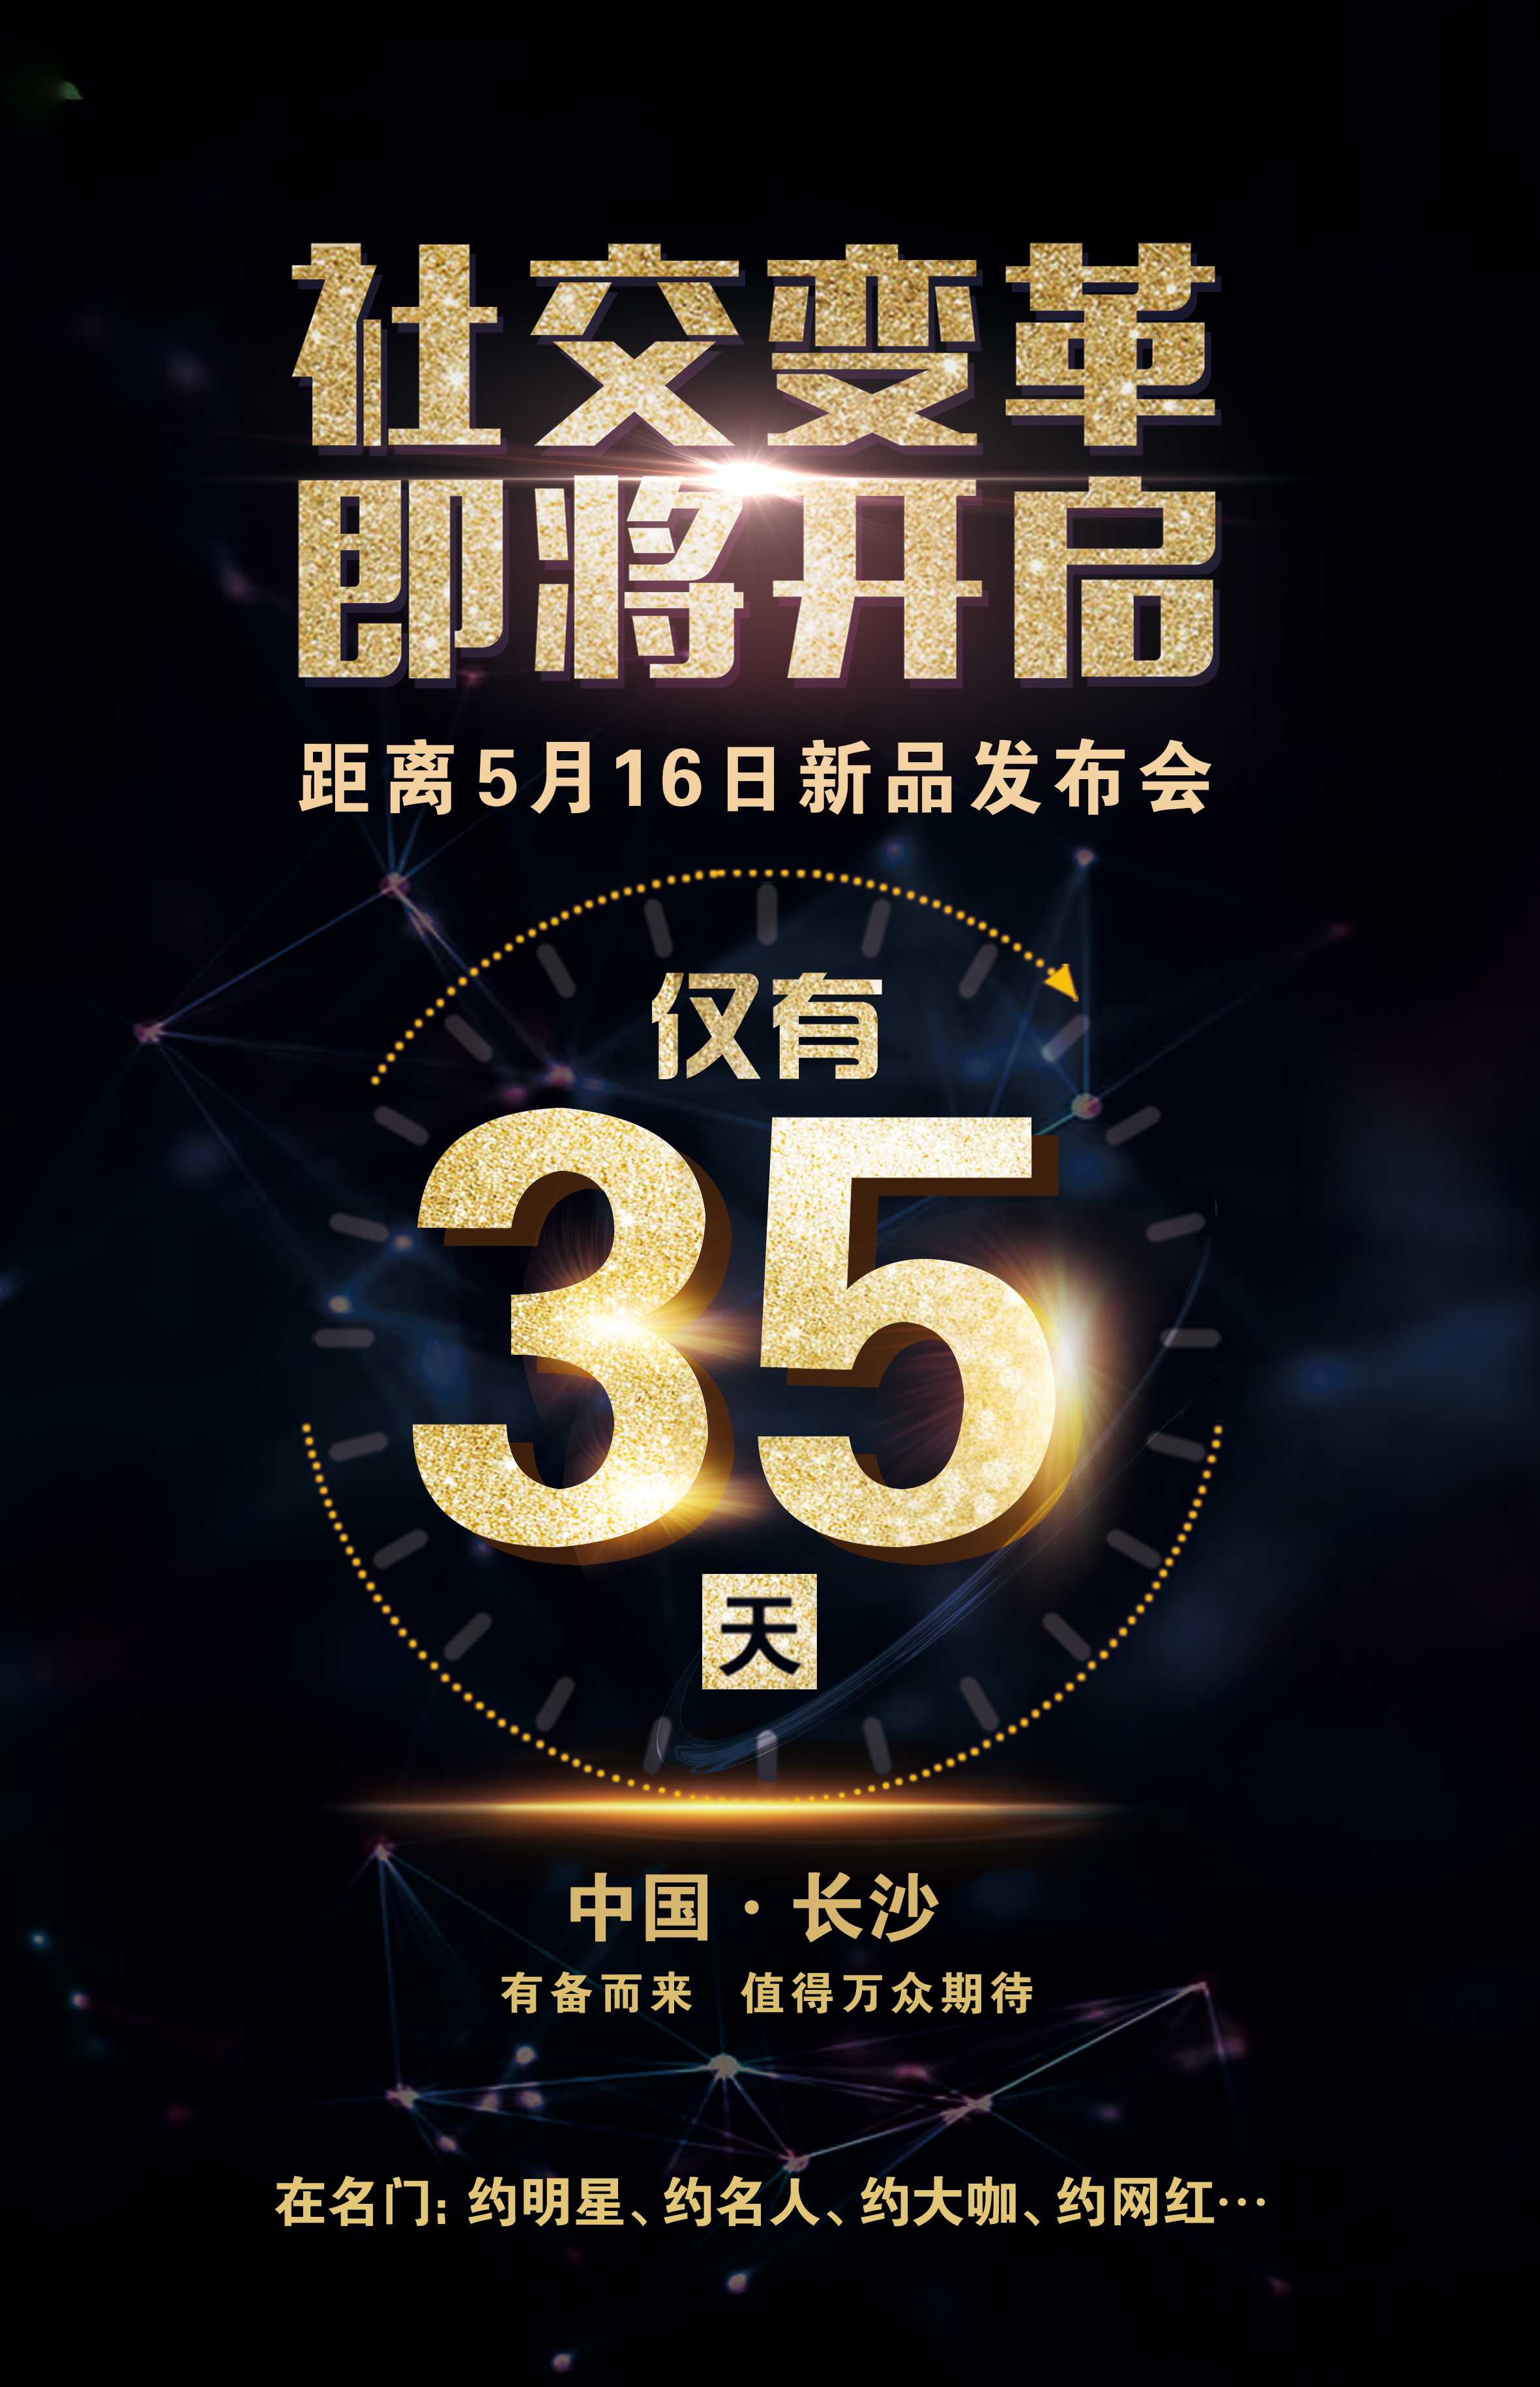 5.16中国·长沙名门APP发布会倒计时进行中_图1-2